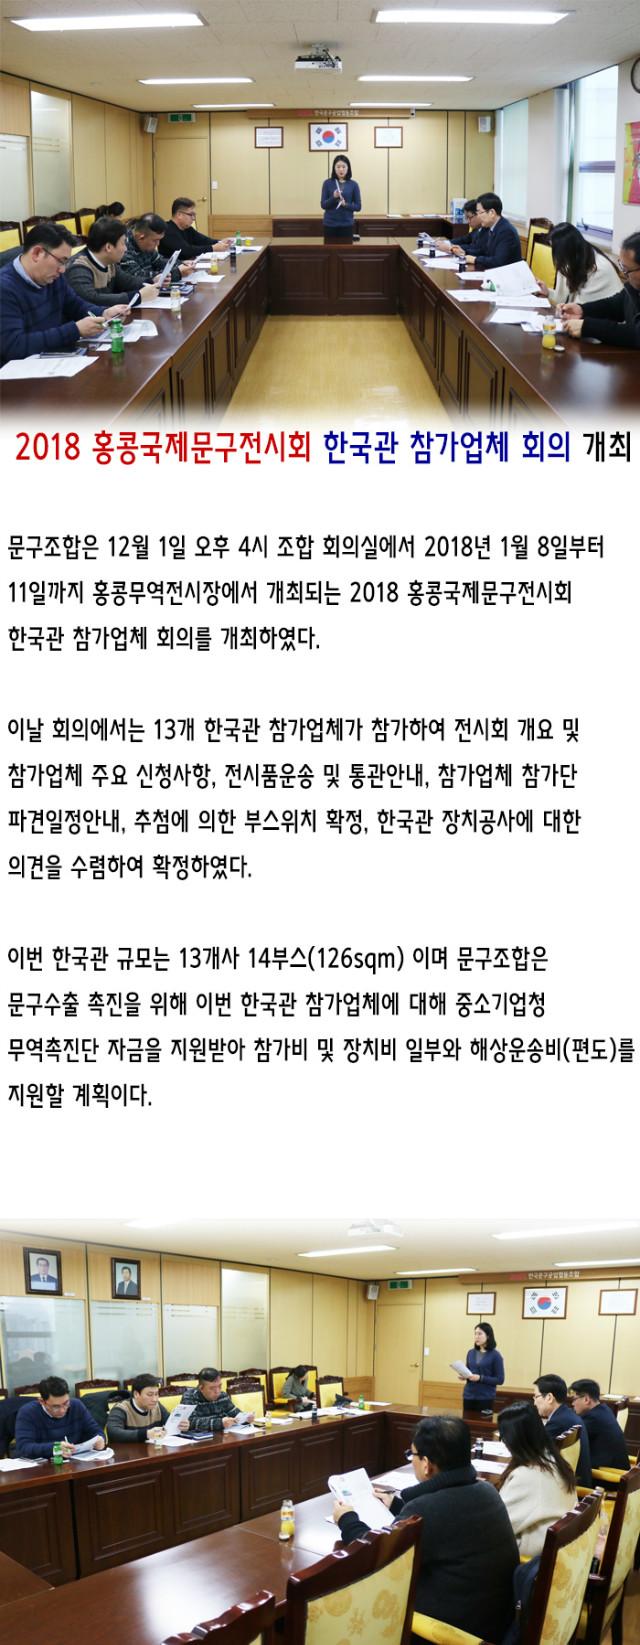 2018홍콩참가업체회의.jpg